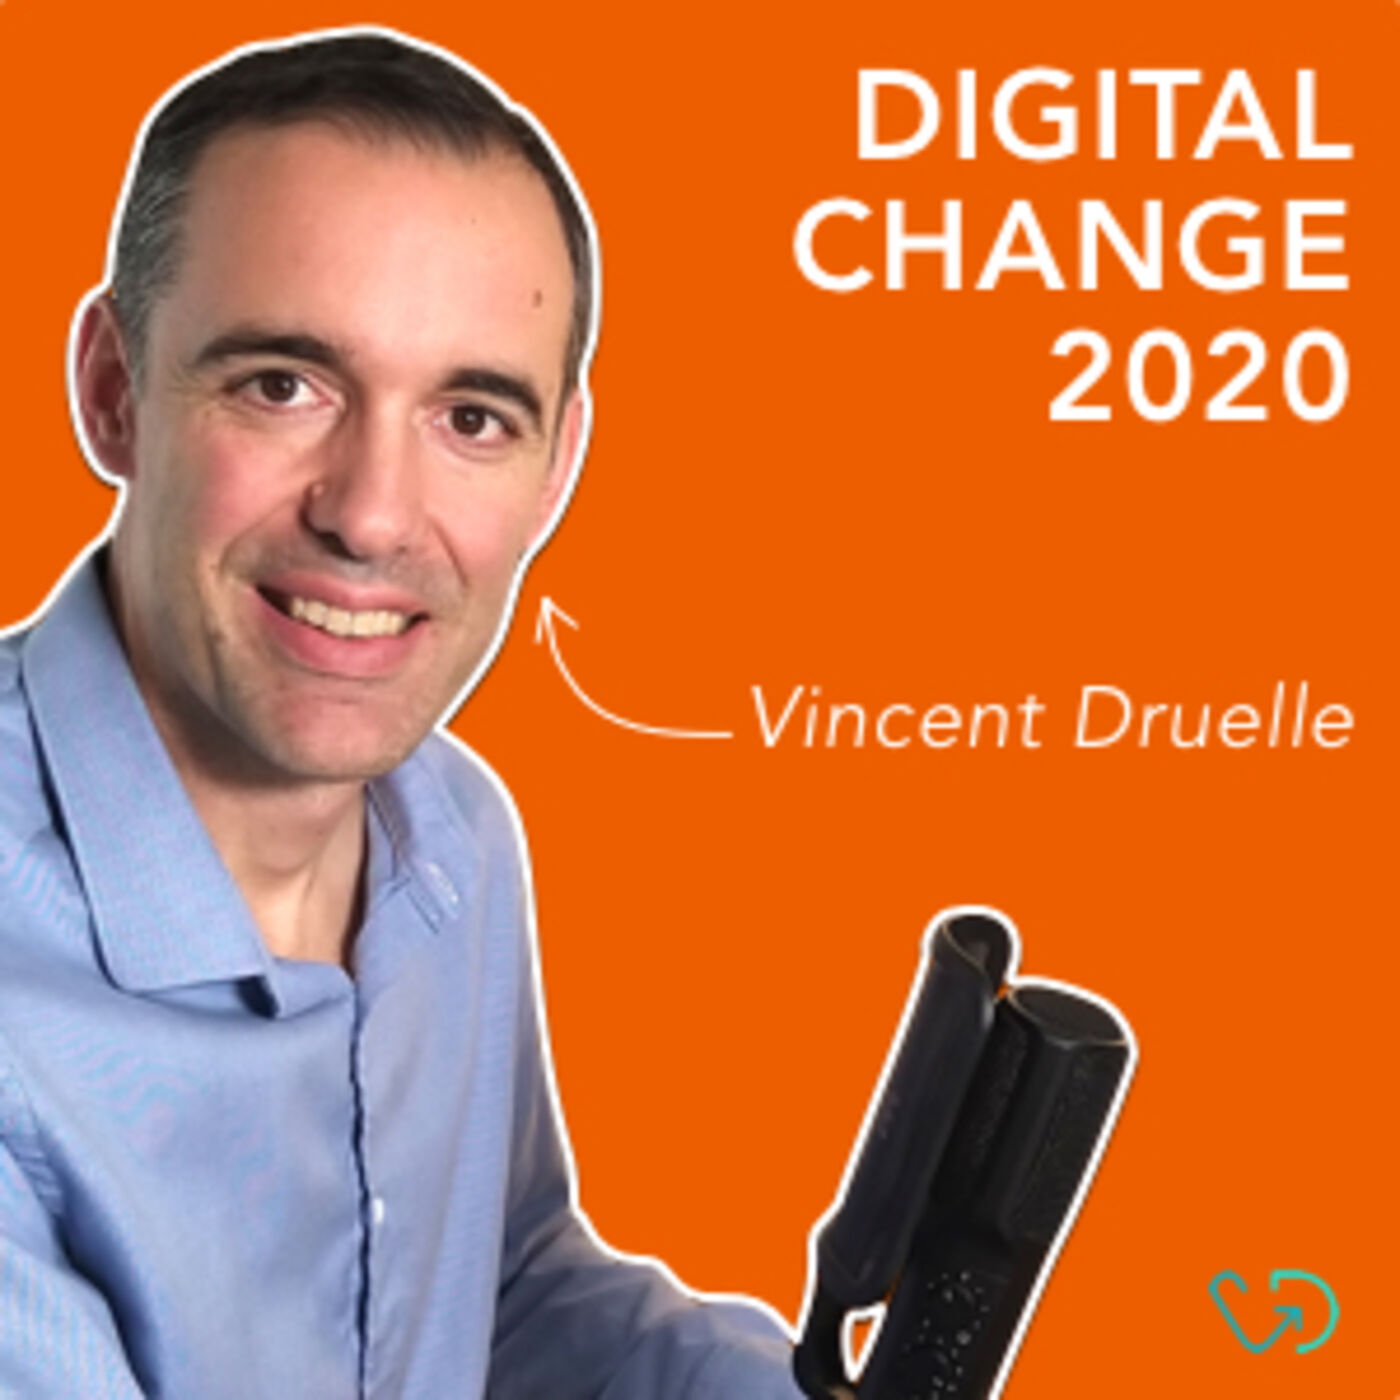 #12 Digital Change 2020 - Retour d'expérience sur la transformation numérique